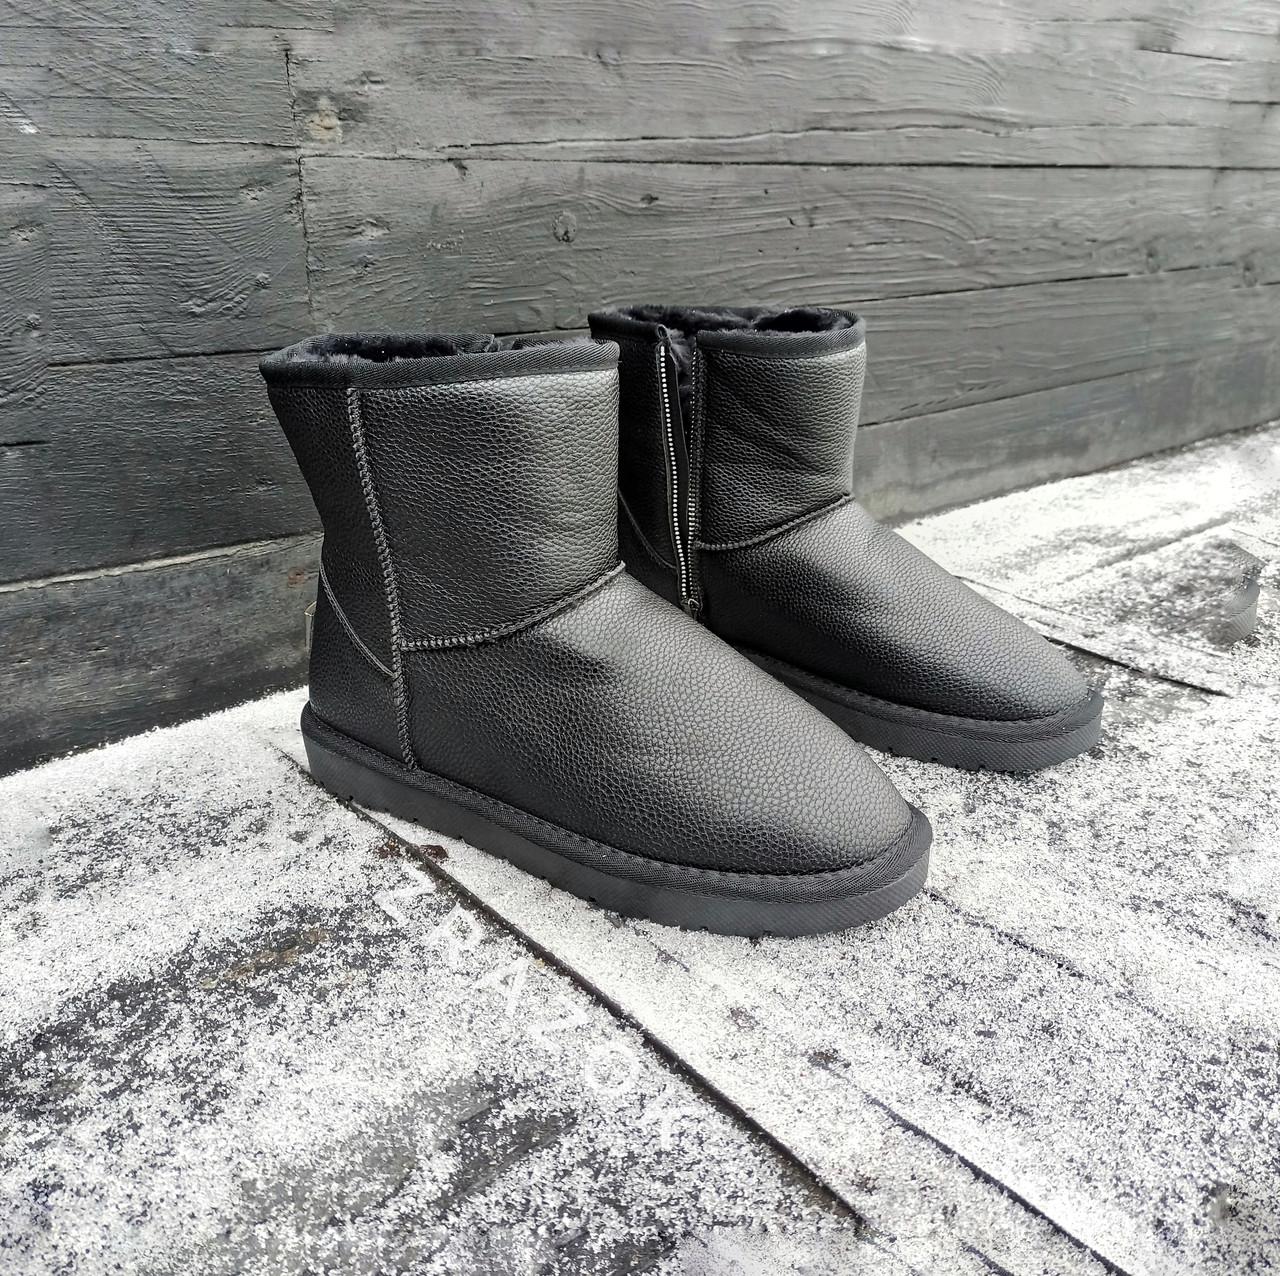 Кожаные угги UGG мужские черные со змейкой высокие эко кожа зимние ботинки валенки теплые